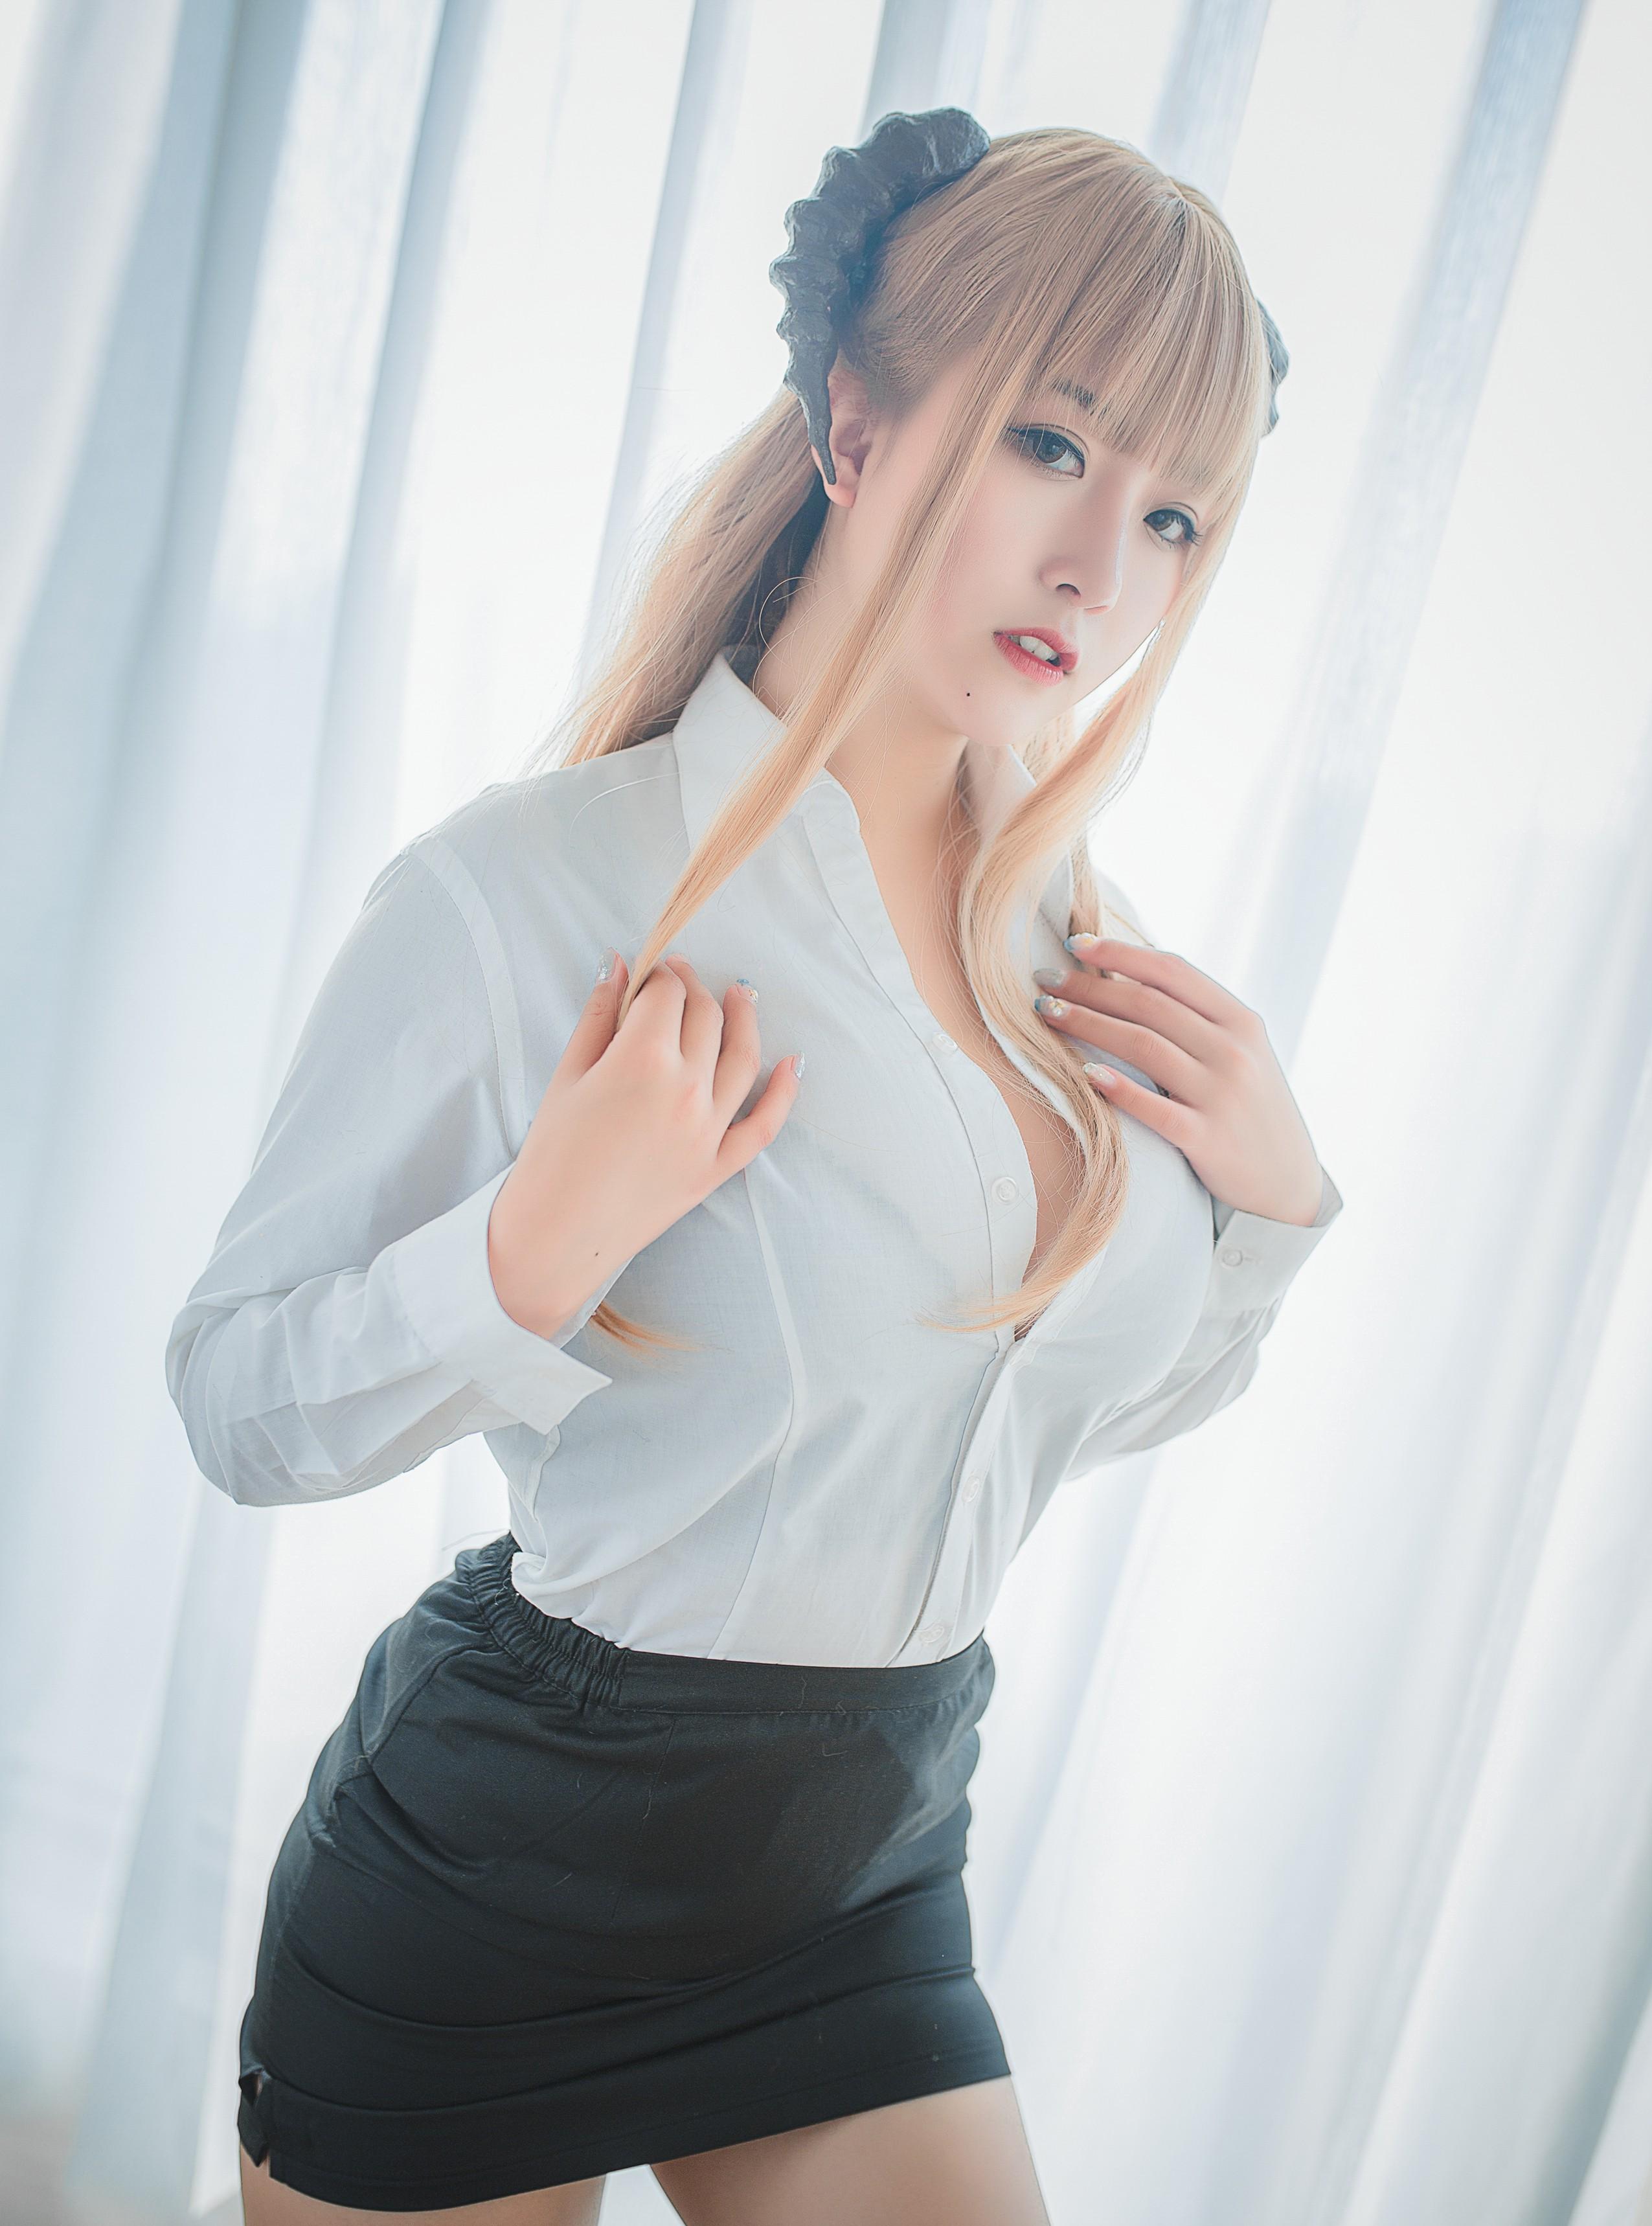 猫九酱Sakura精选写真特辑,总有一种风格适合你